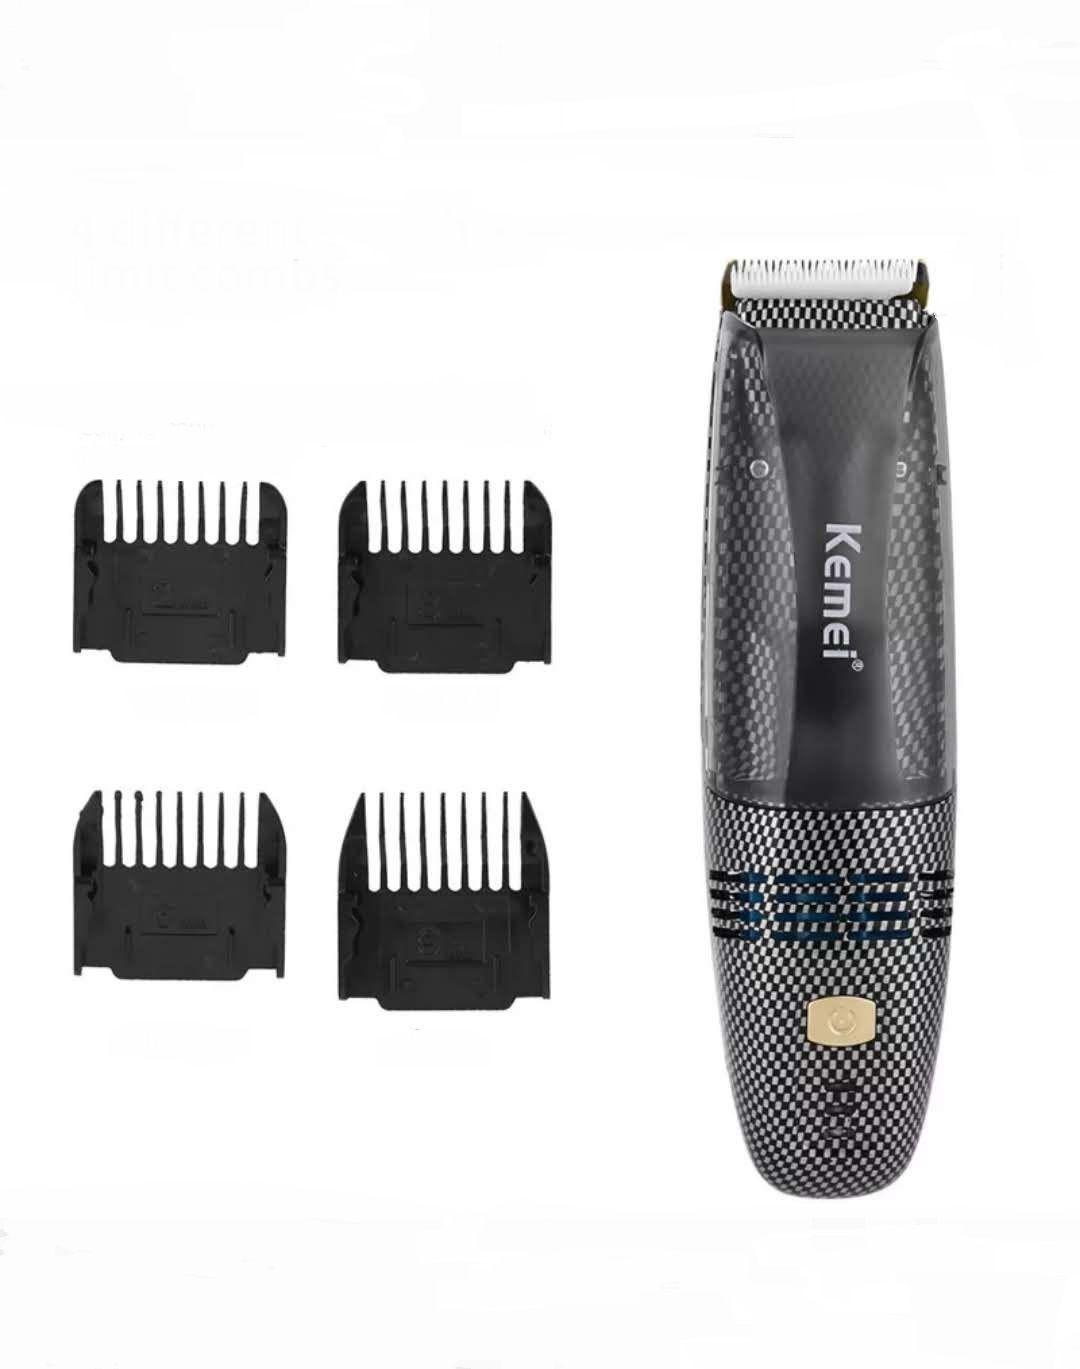 Maquina De Corte Cabelo Barba Sem Fio 2 em 1 Sucção de cabelo Kemei Km-77 Bivolt